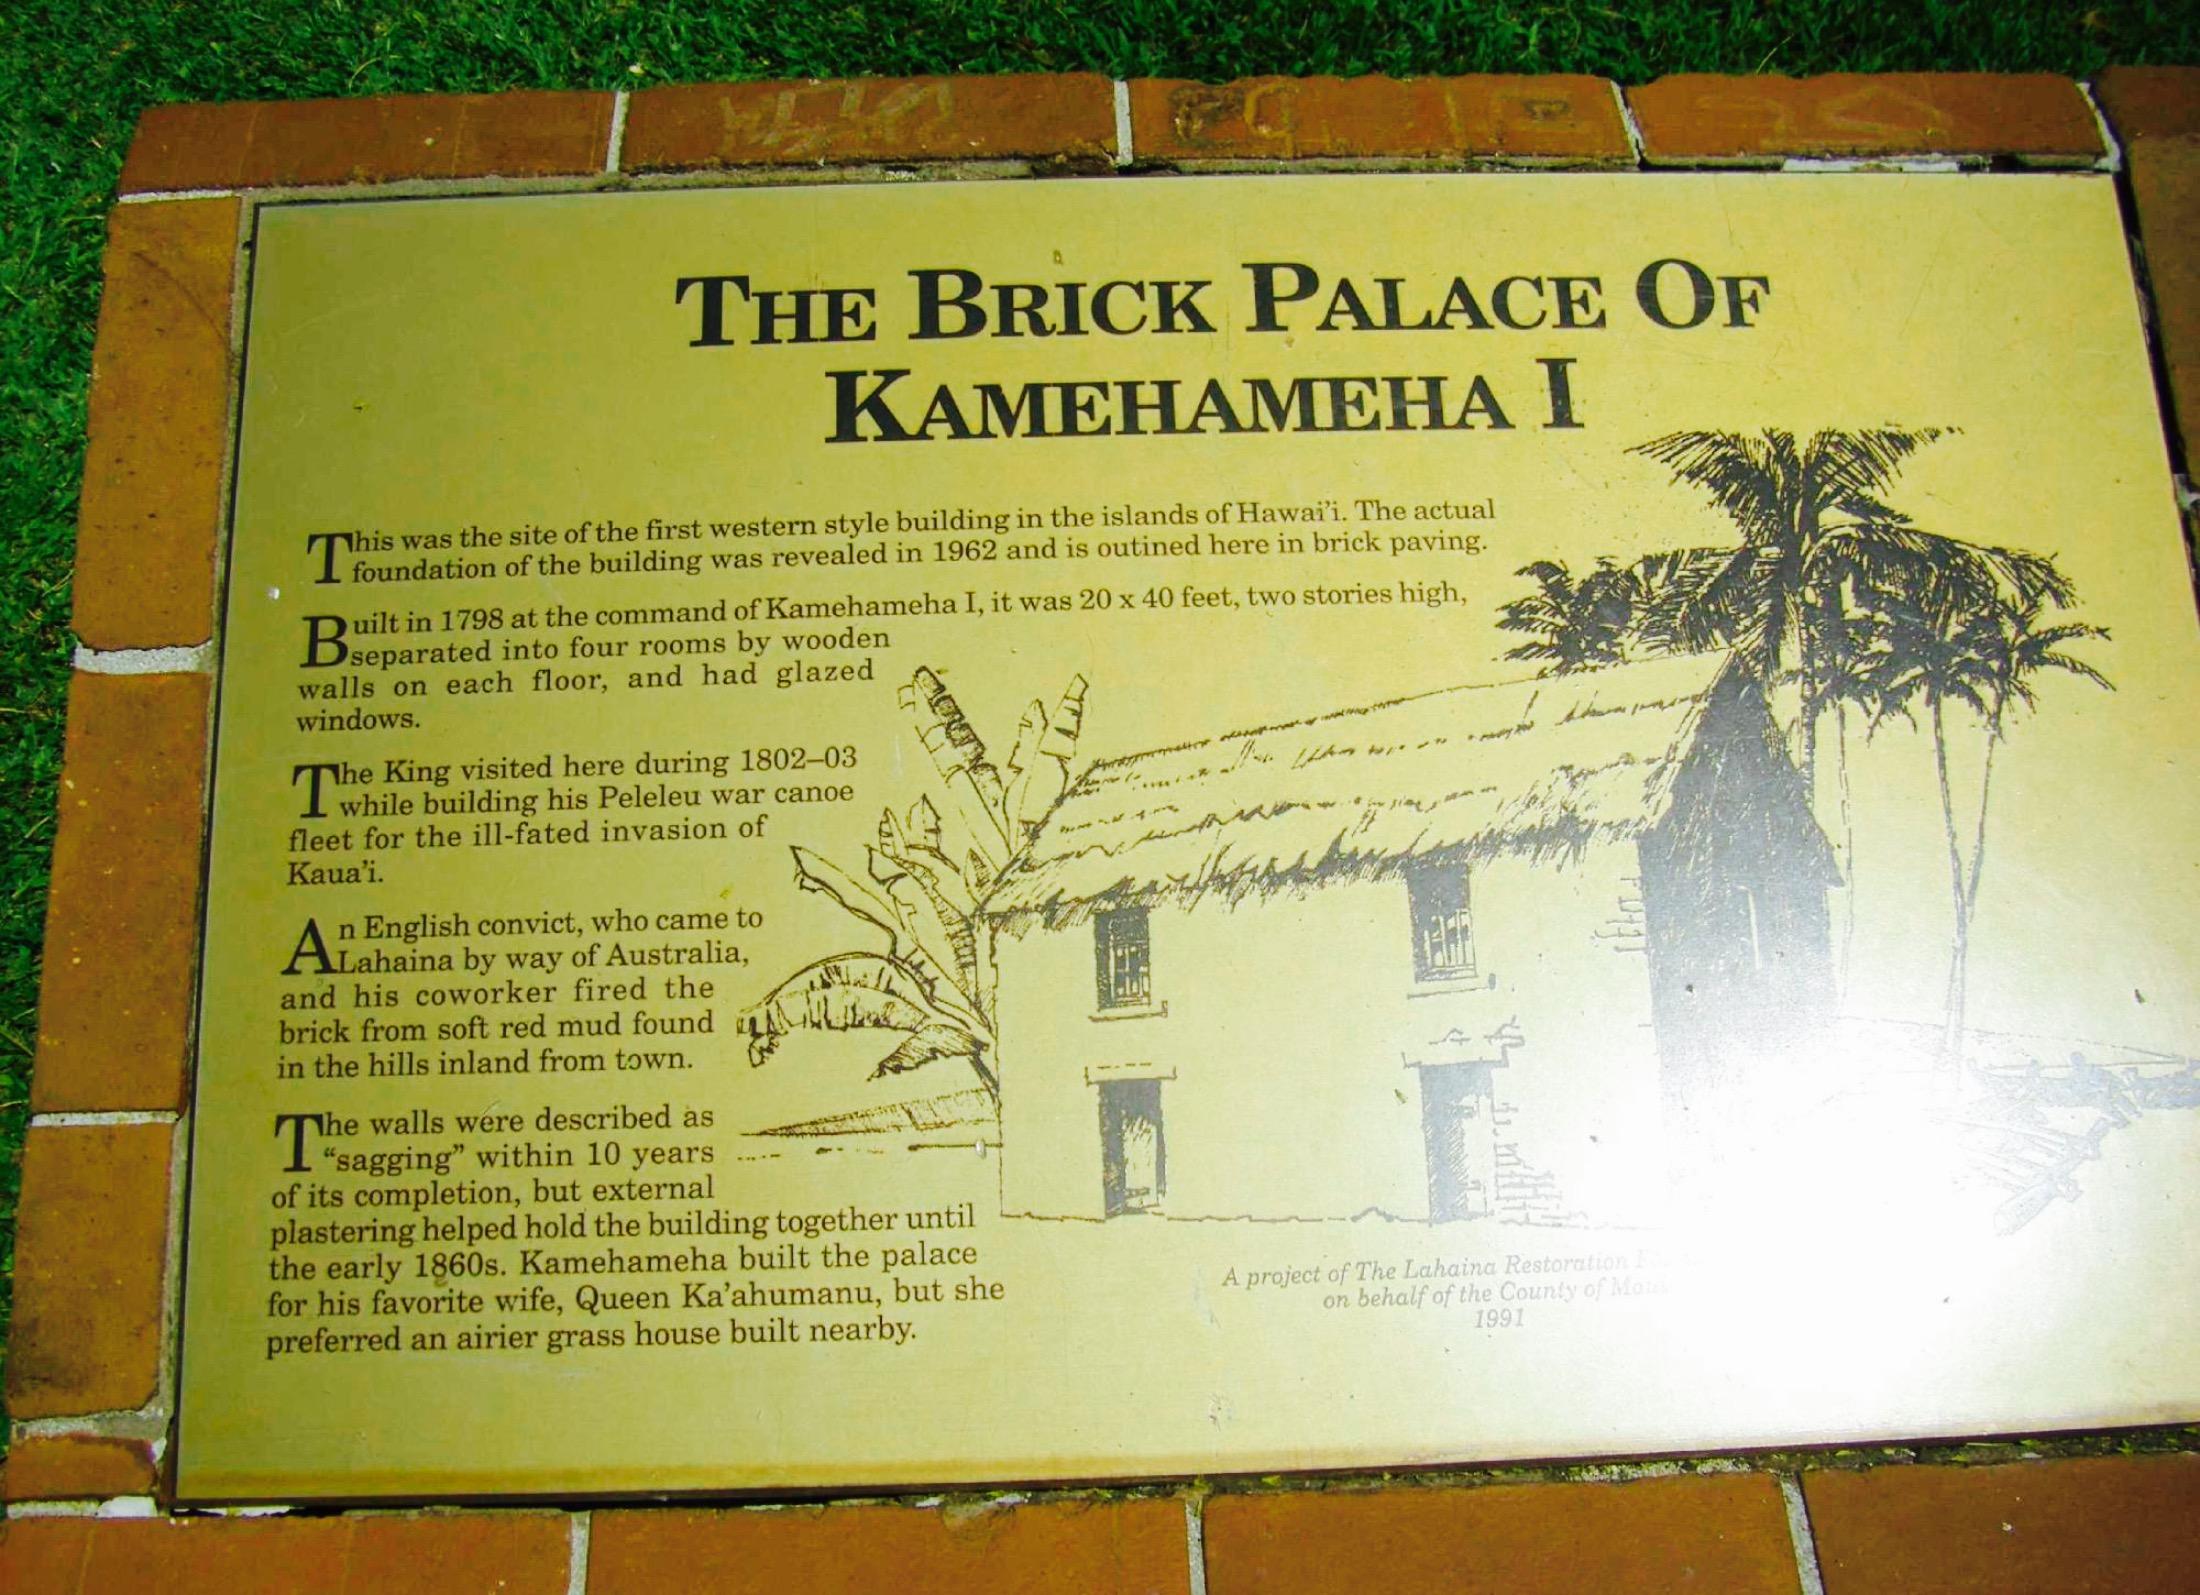 Brick Palace